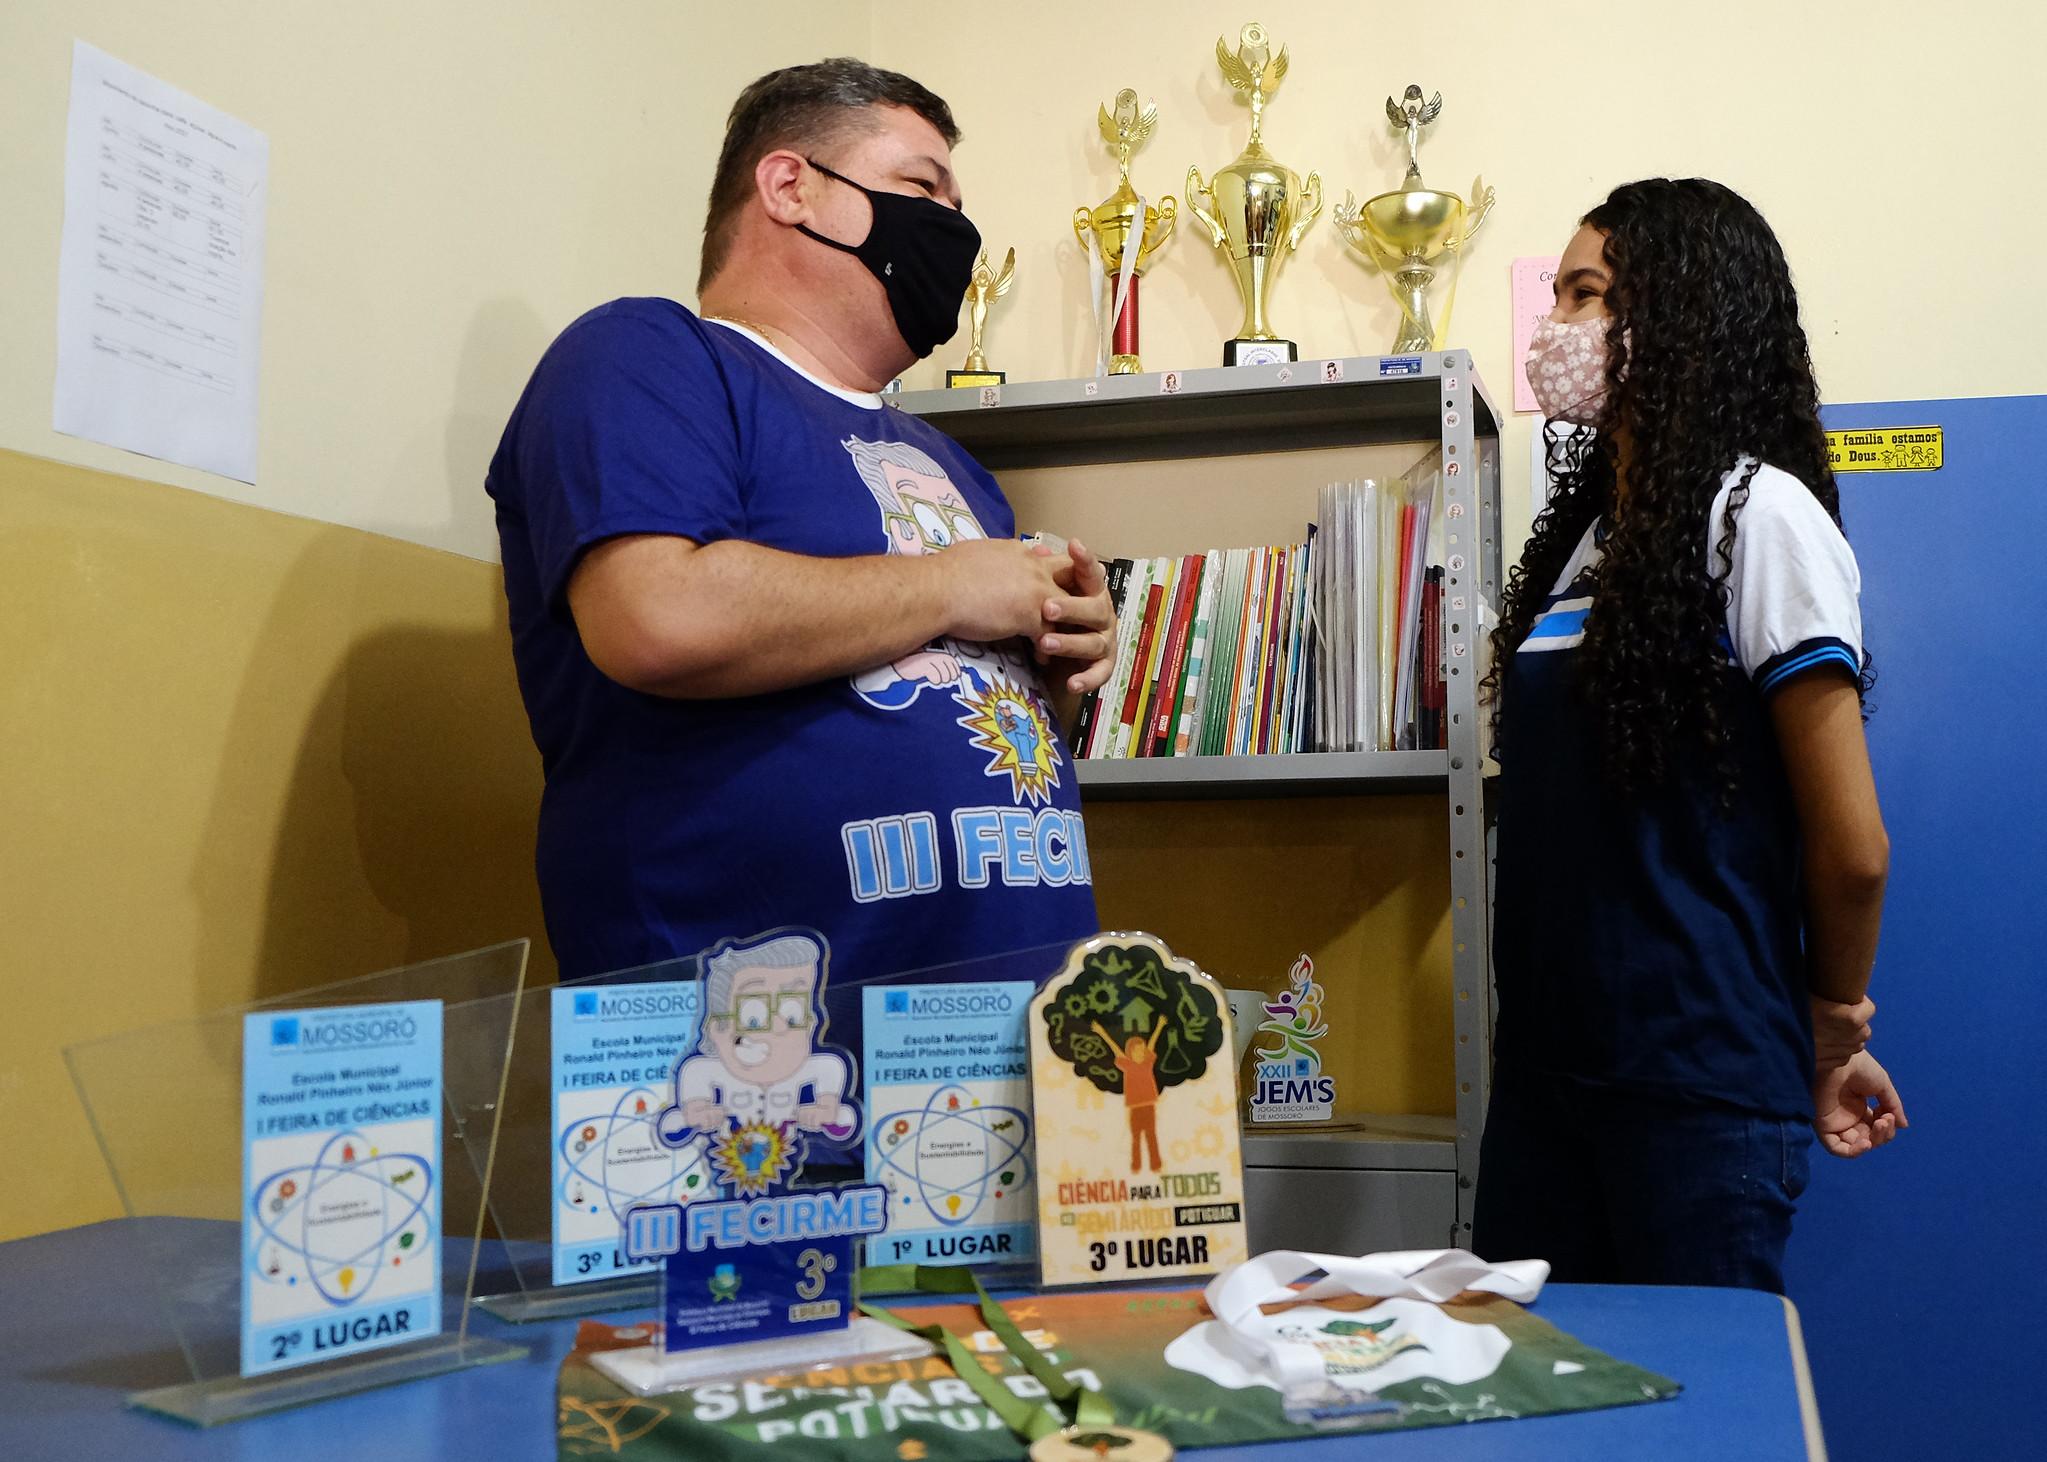 Alunos finalizam projetos para apresentação em feira de ciências nas escolas